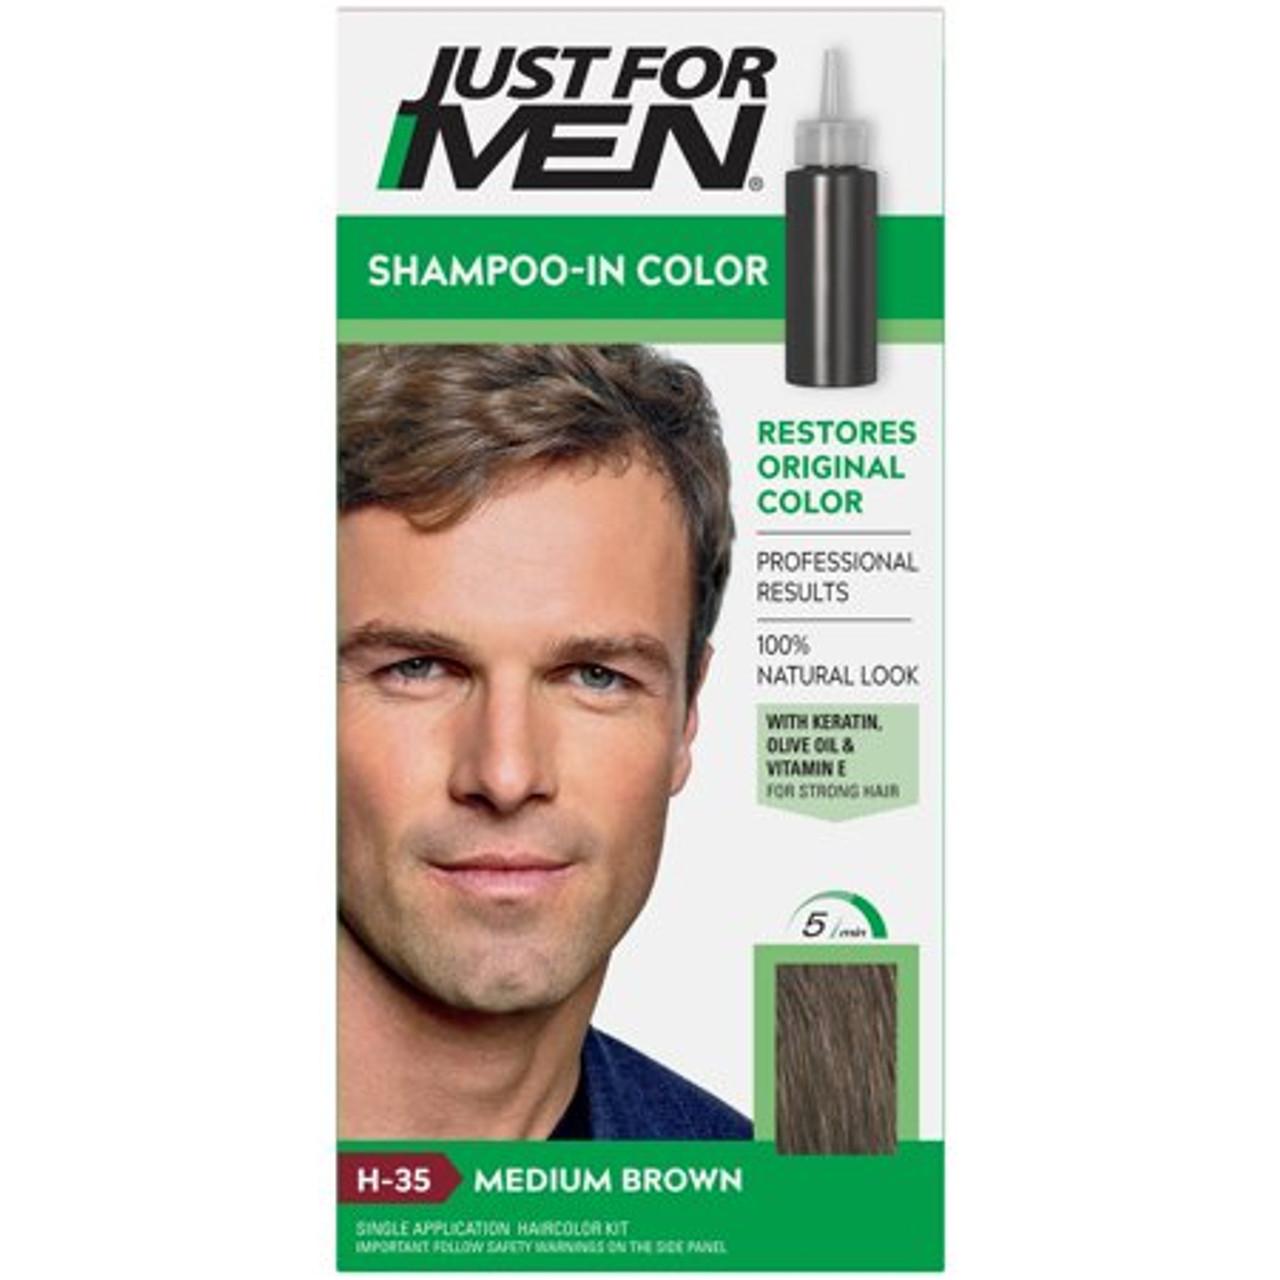 Just For Men Original Formula Haircolor Medium Brown H-35 - 1 ea.